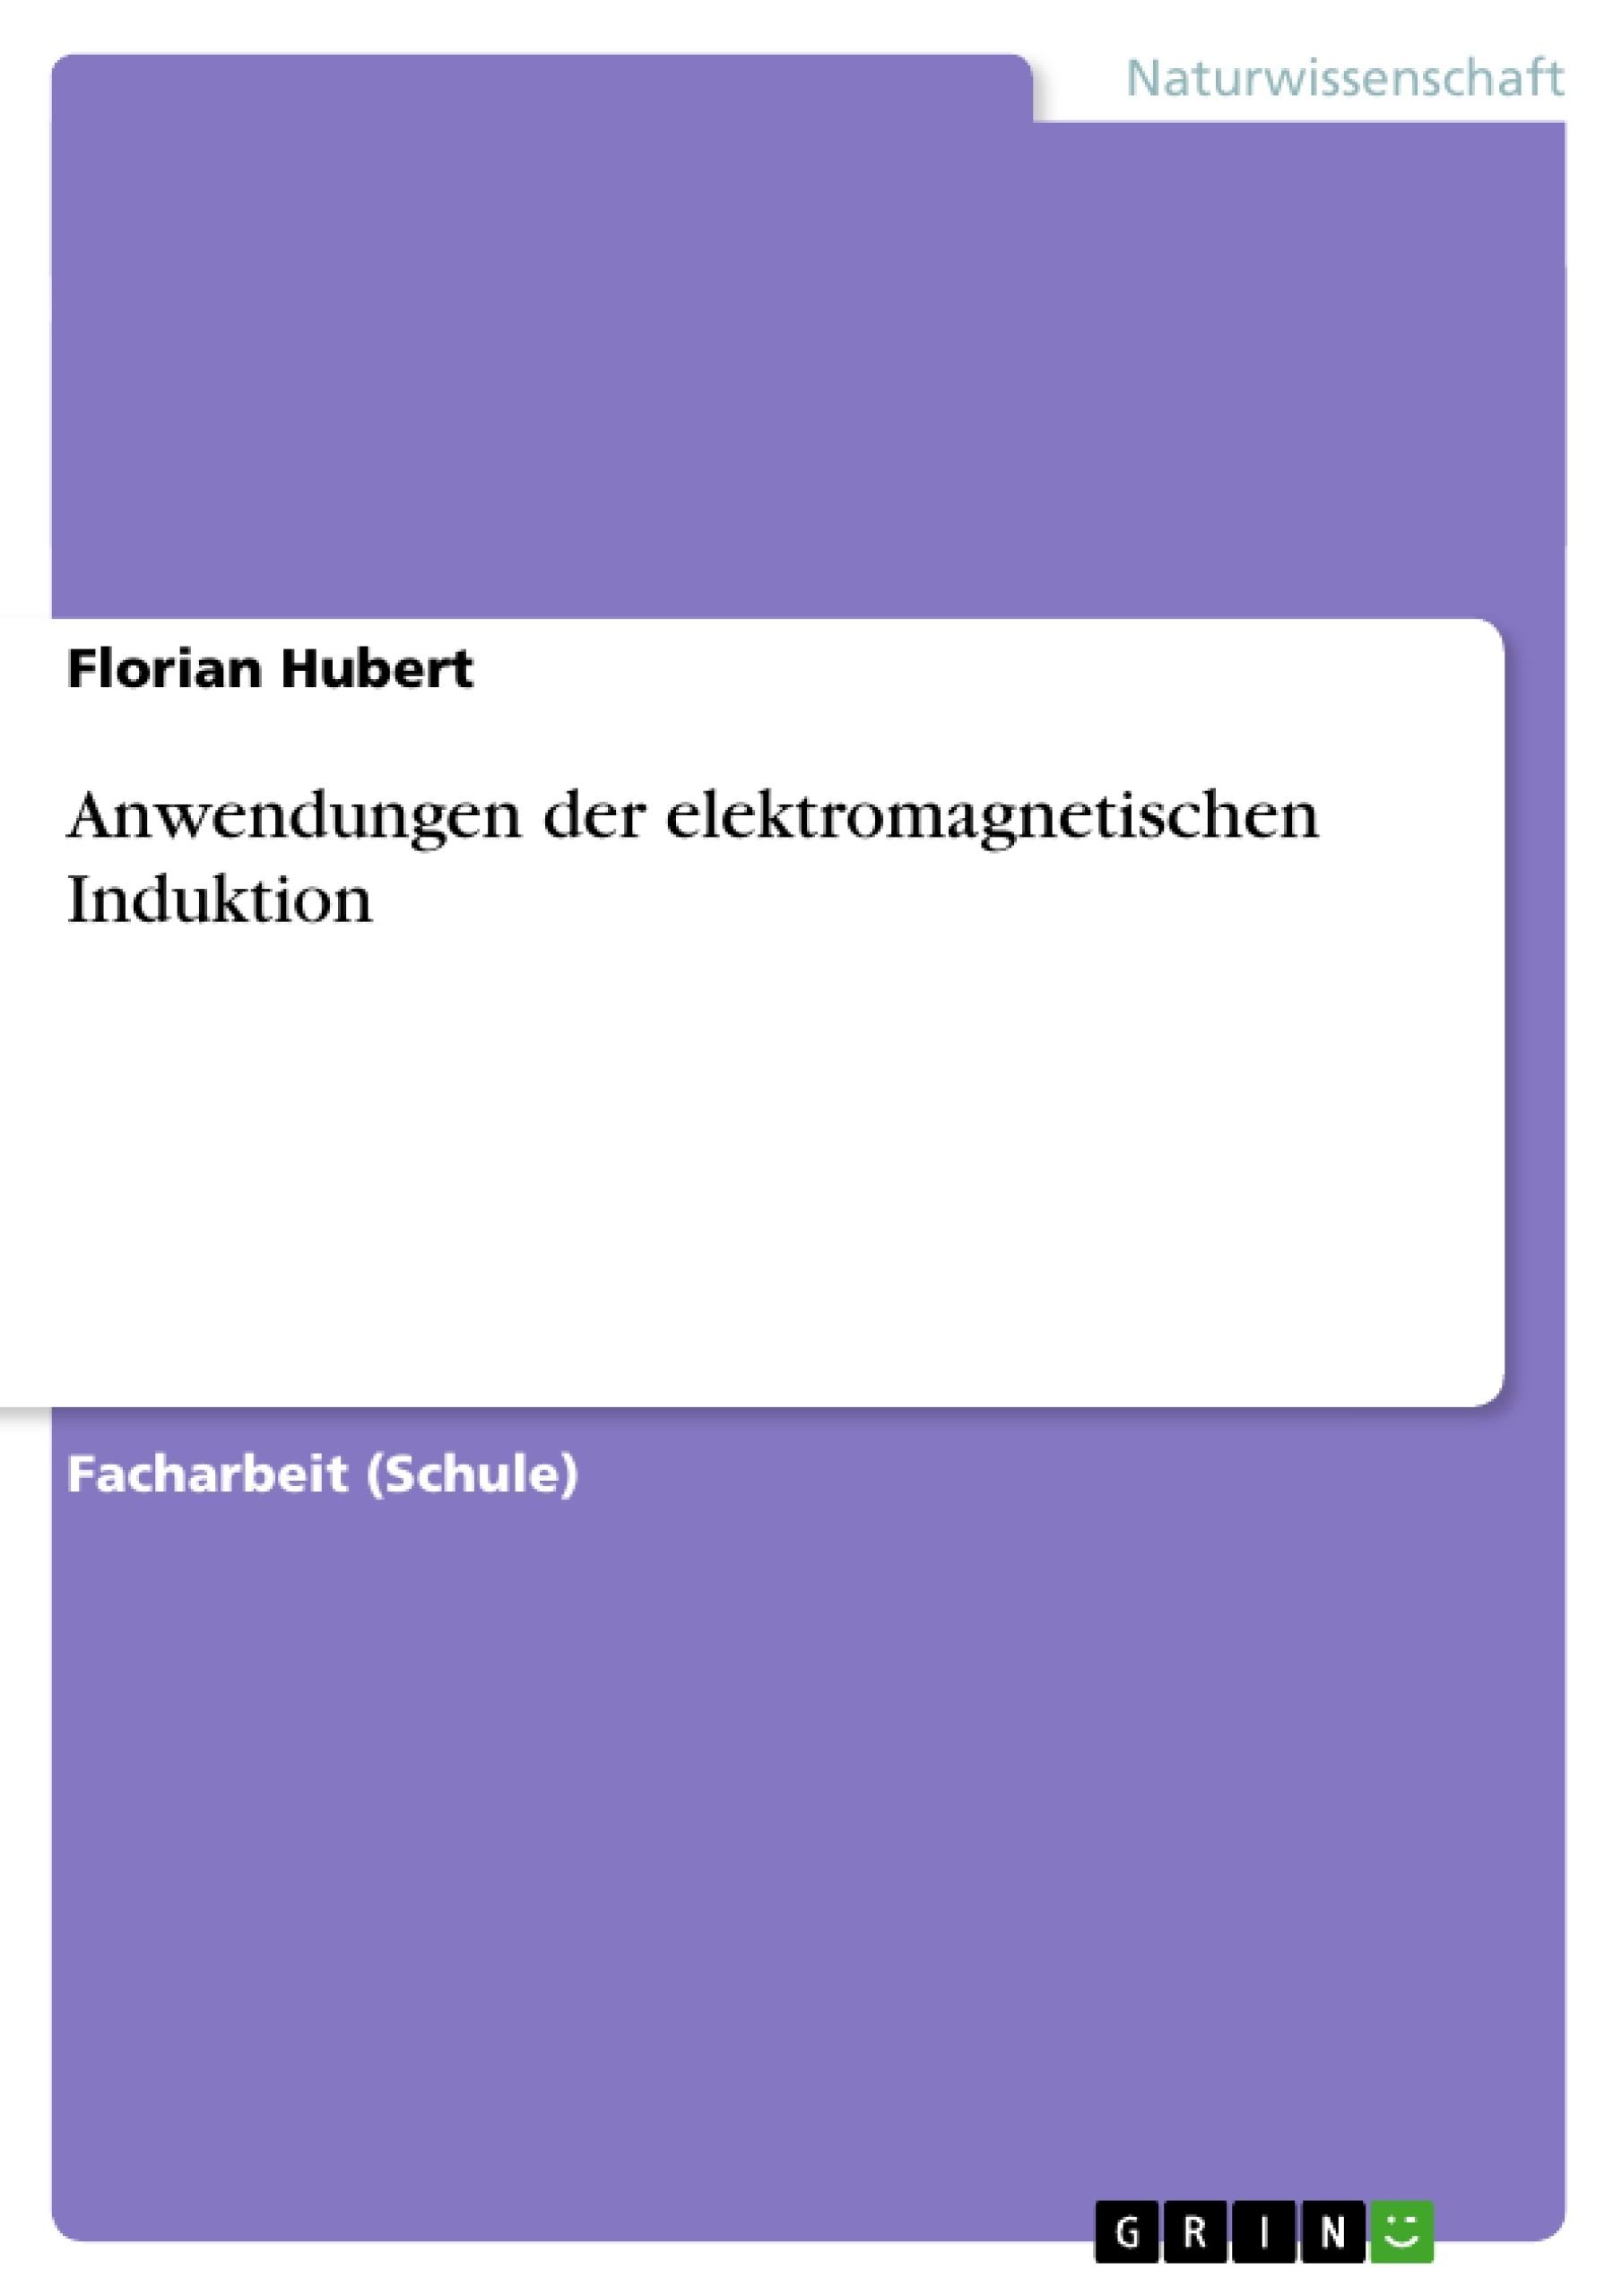 Titel: Anwendungen der elektromagnetischen Induktion